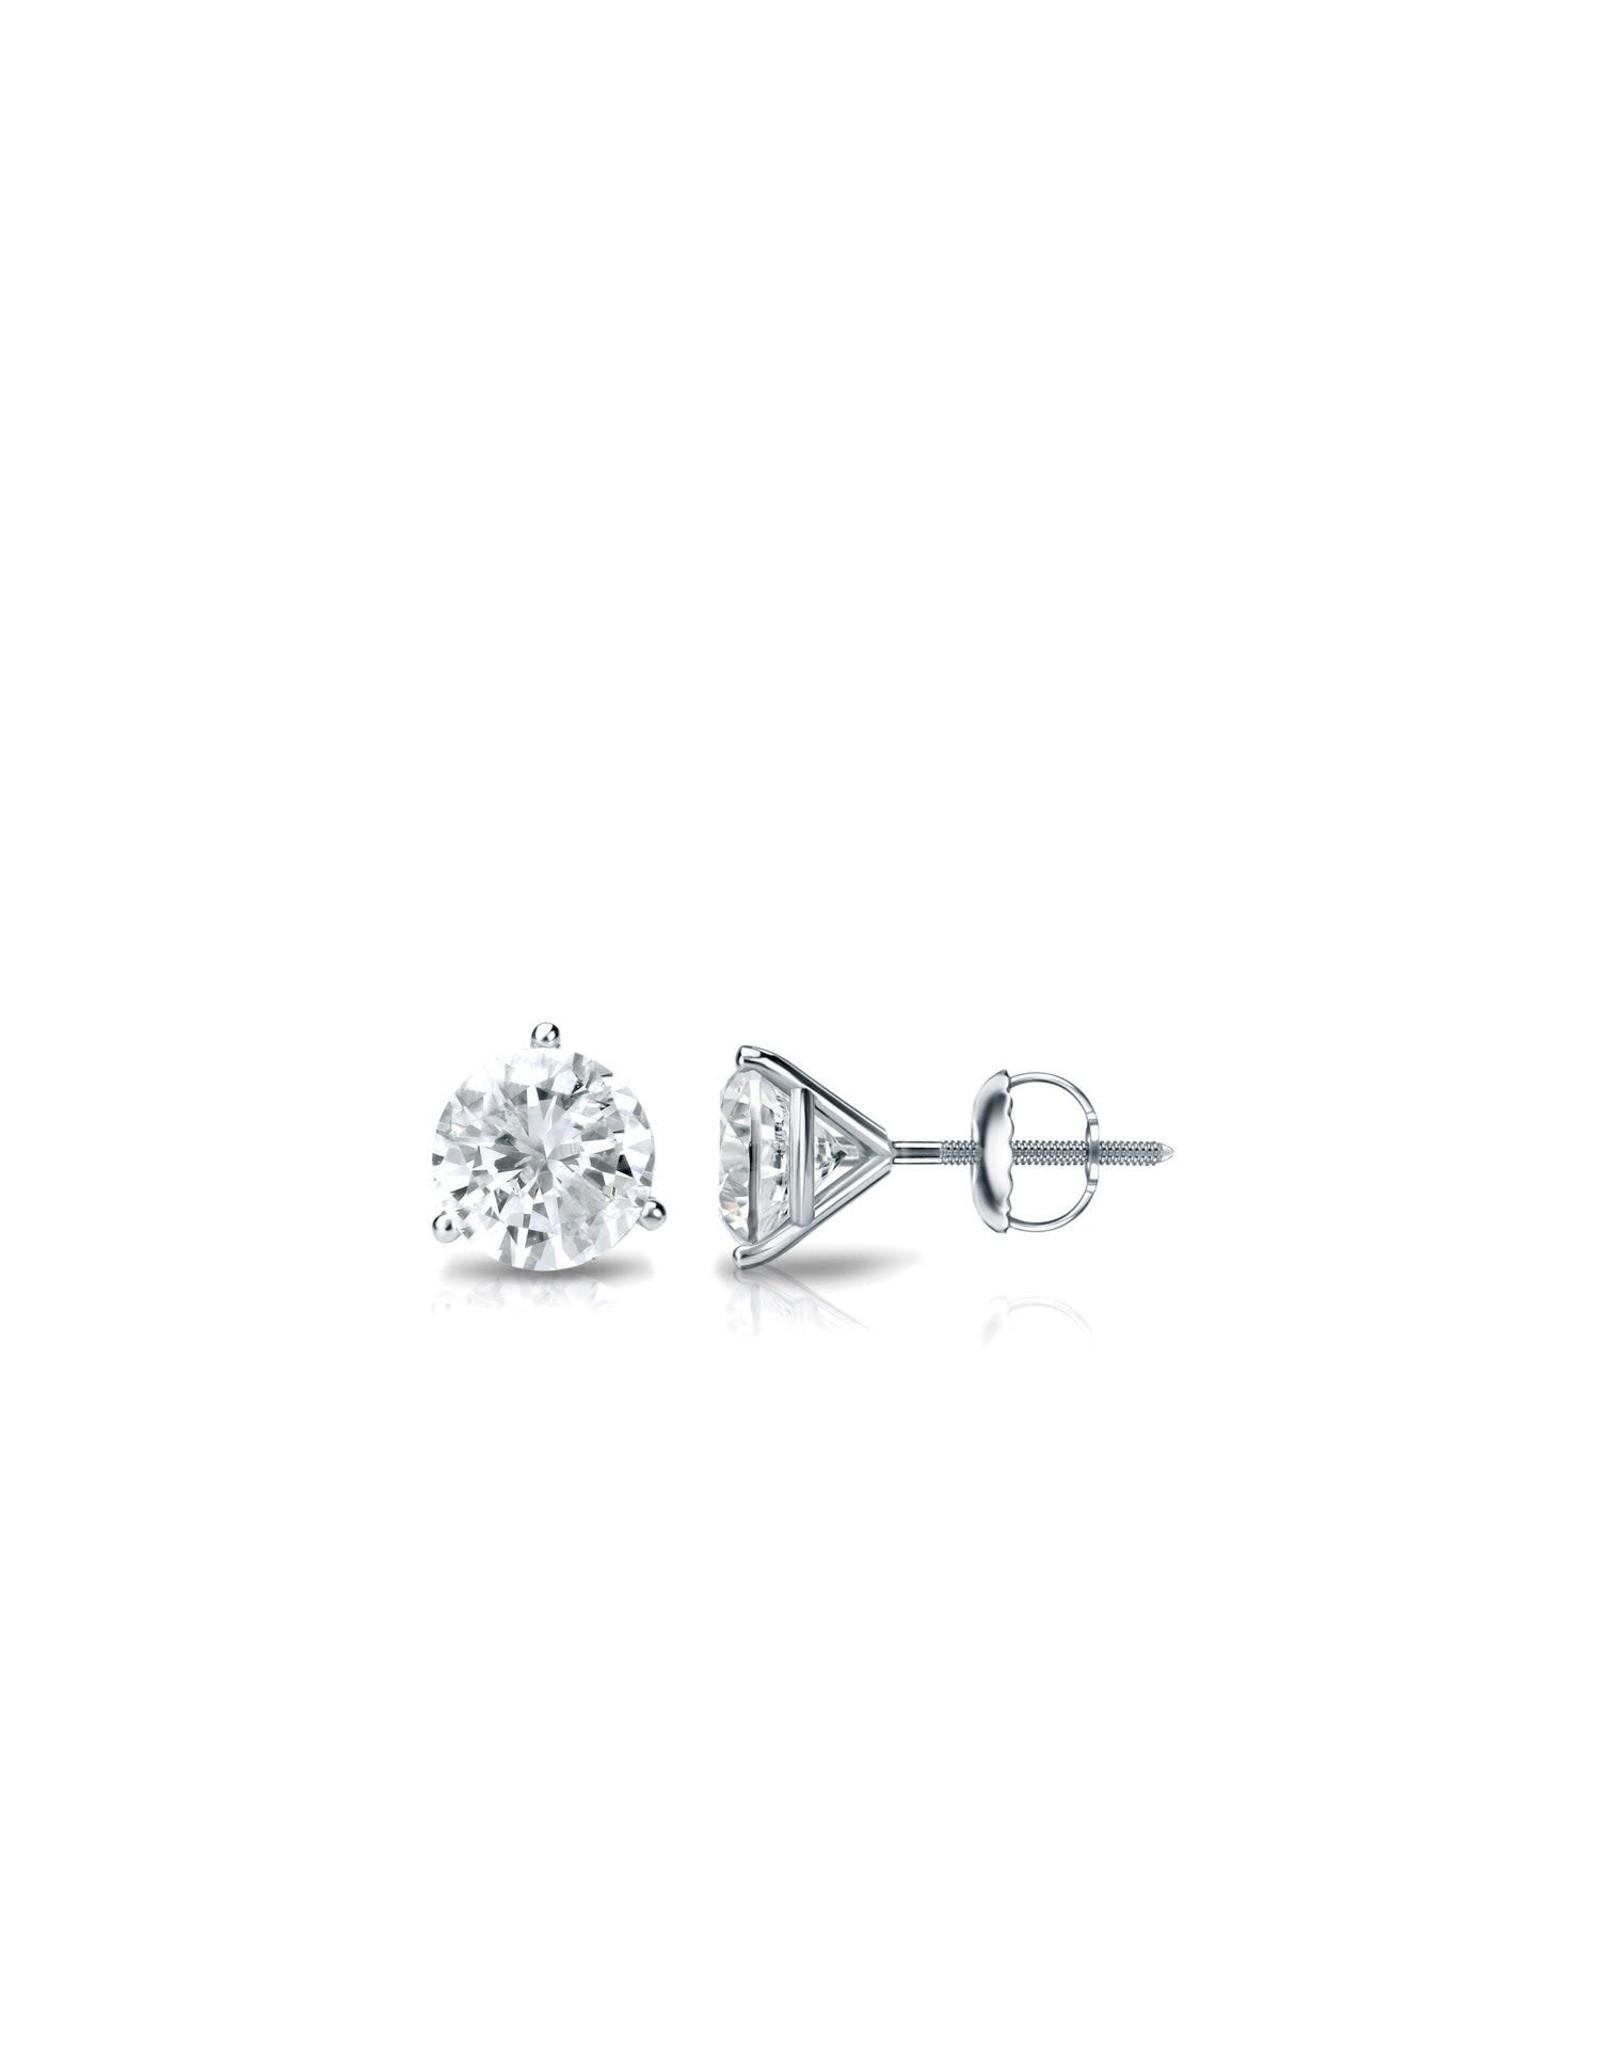 18K White Gold Martini Setting Diamond Stud Earrings, D: 0.82cts